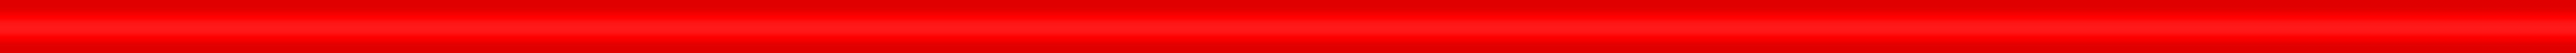 Header-bg-solid-red.jpg